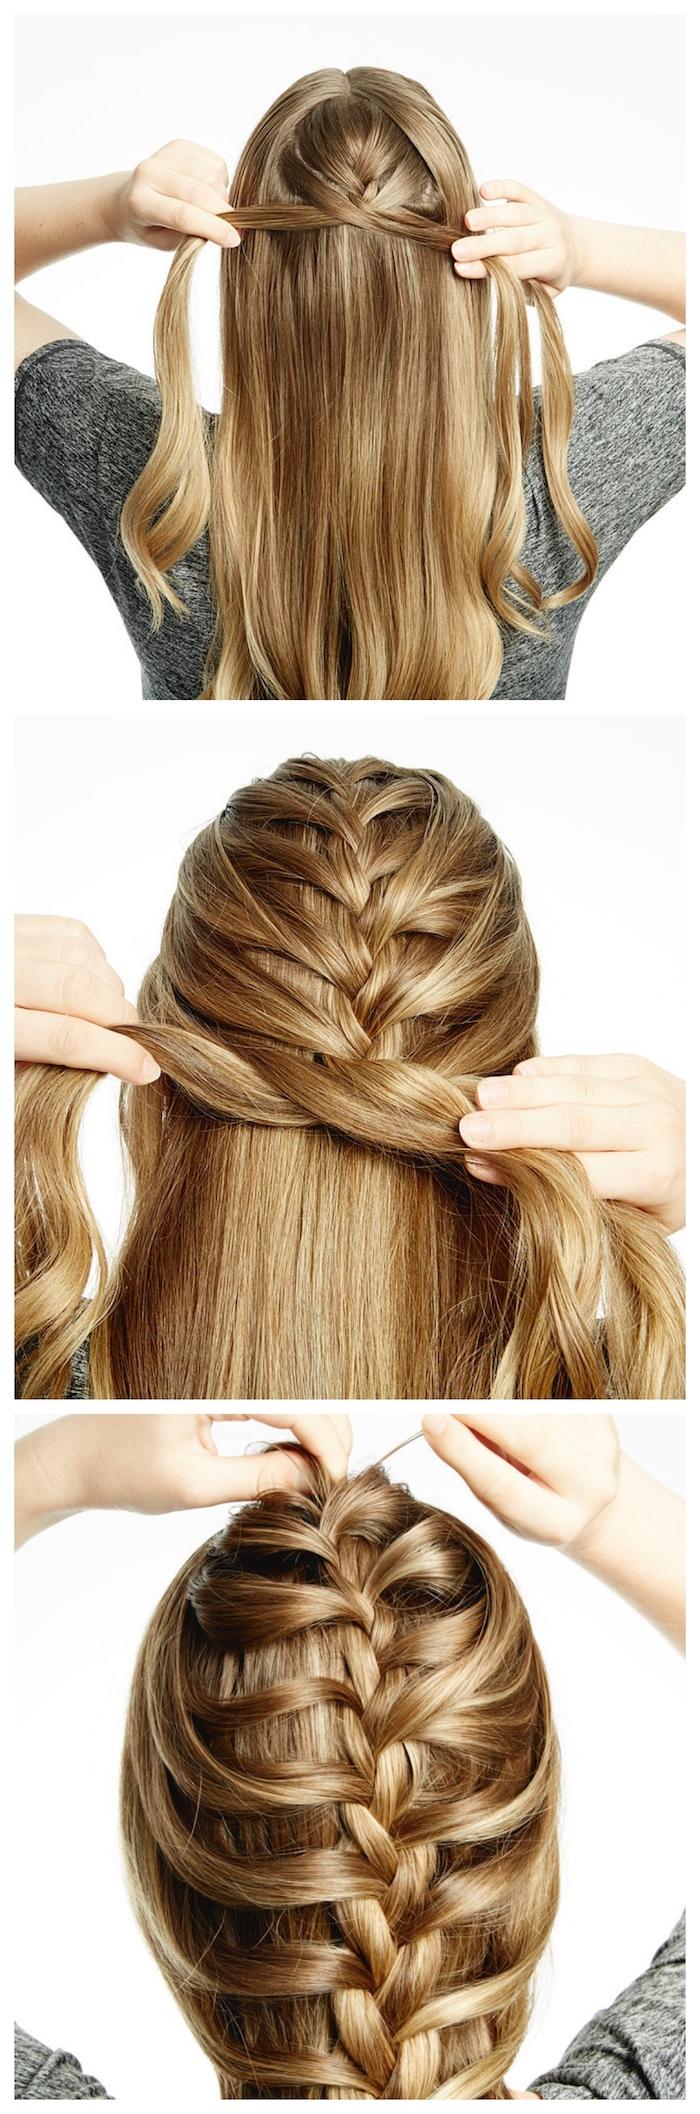 collage schritt für schritt diy anleitung lange blonde haare fischgrätenzopf flechtfrisuren mittelalter